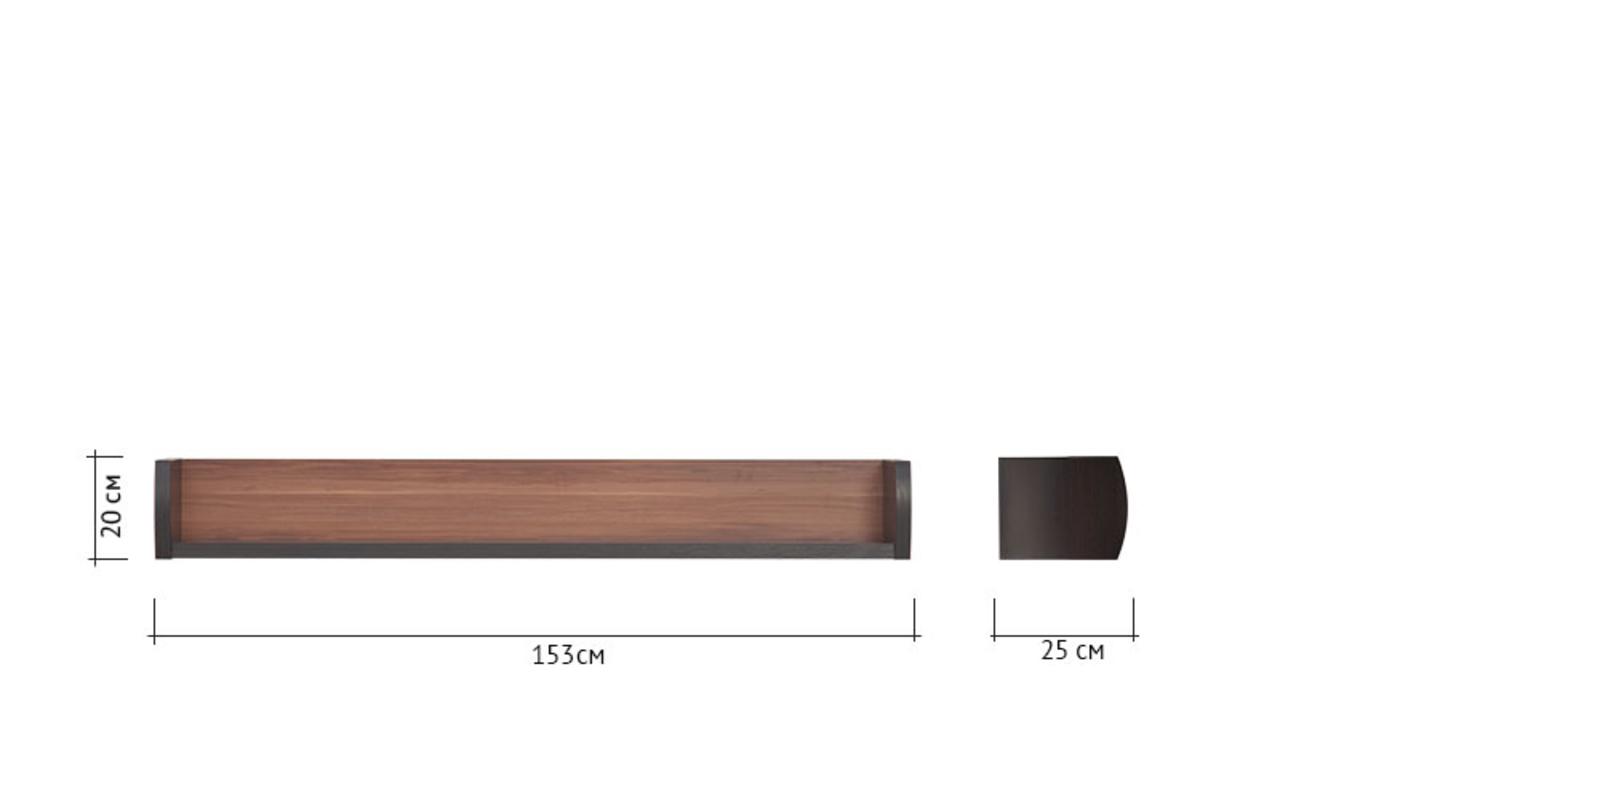 Полка Корсика 153/20 см (слива валлис) от HomeMe.ru